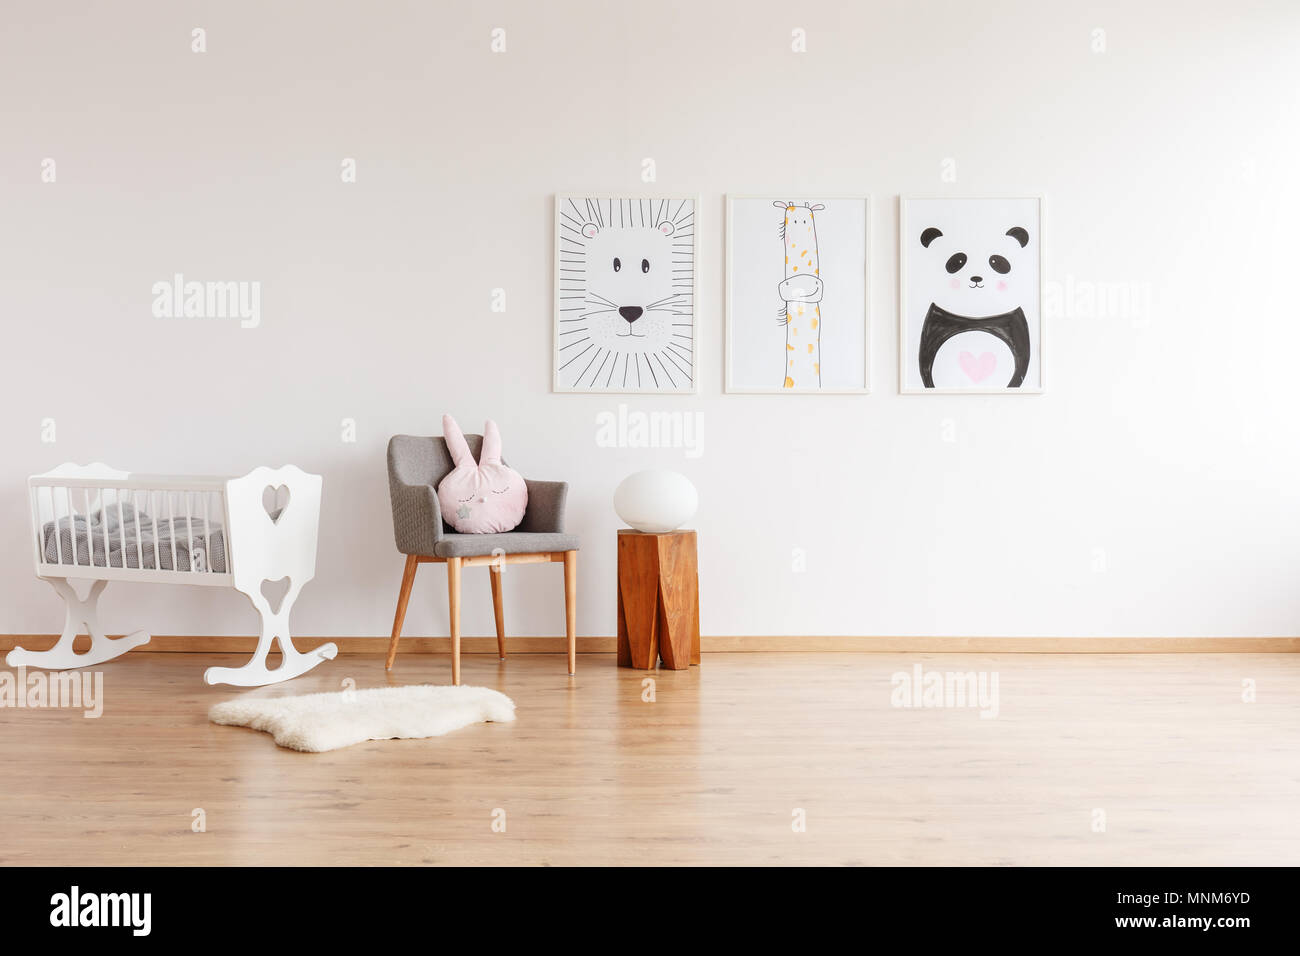 Disegni su muro bianco grigio sopra sedia con cuscino e sgabello